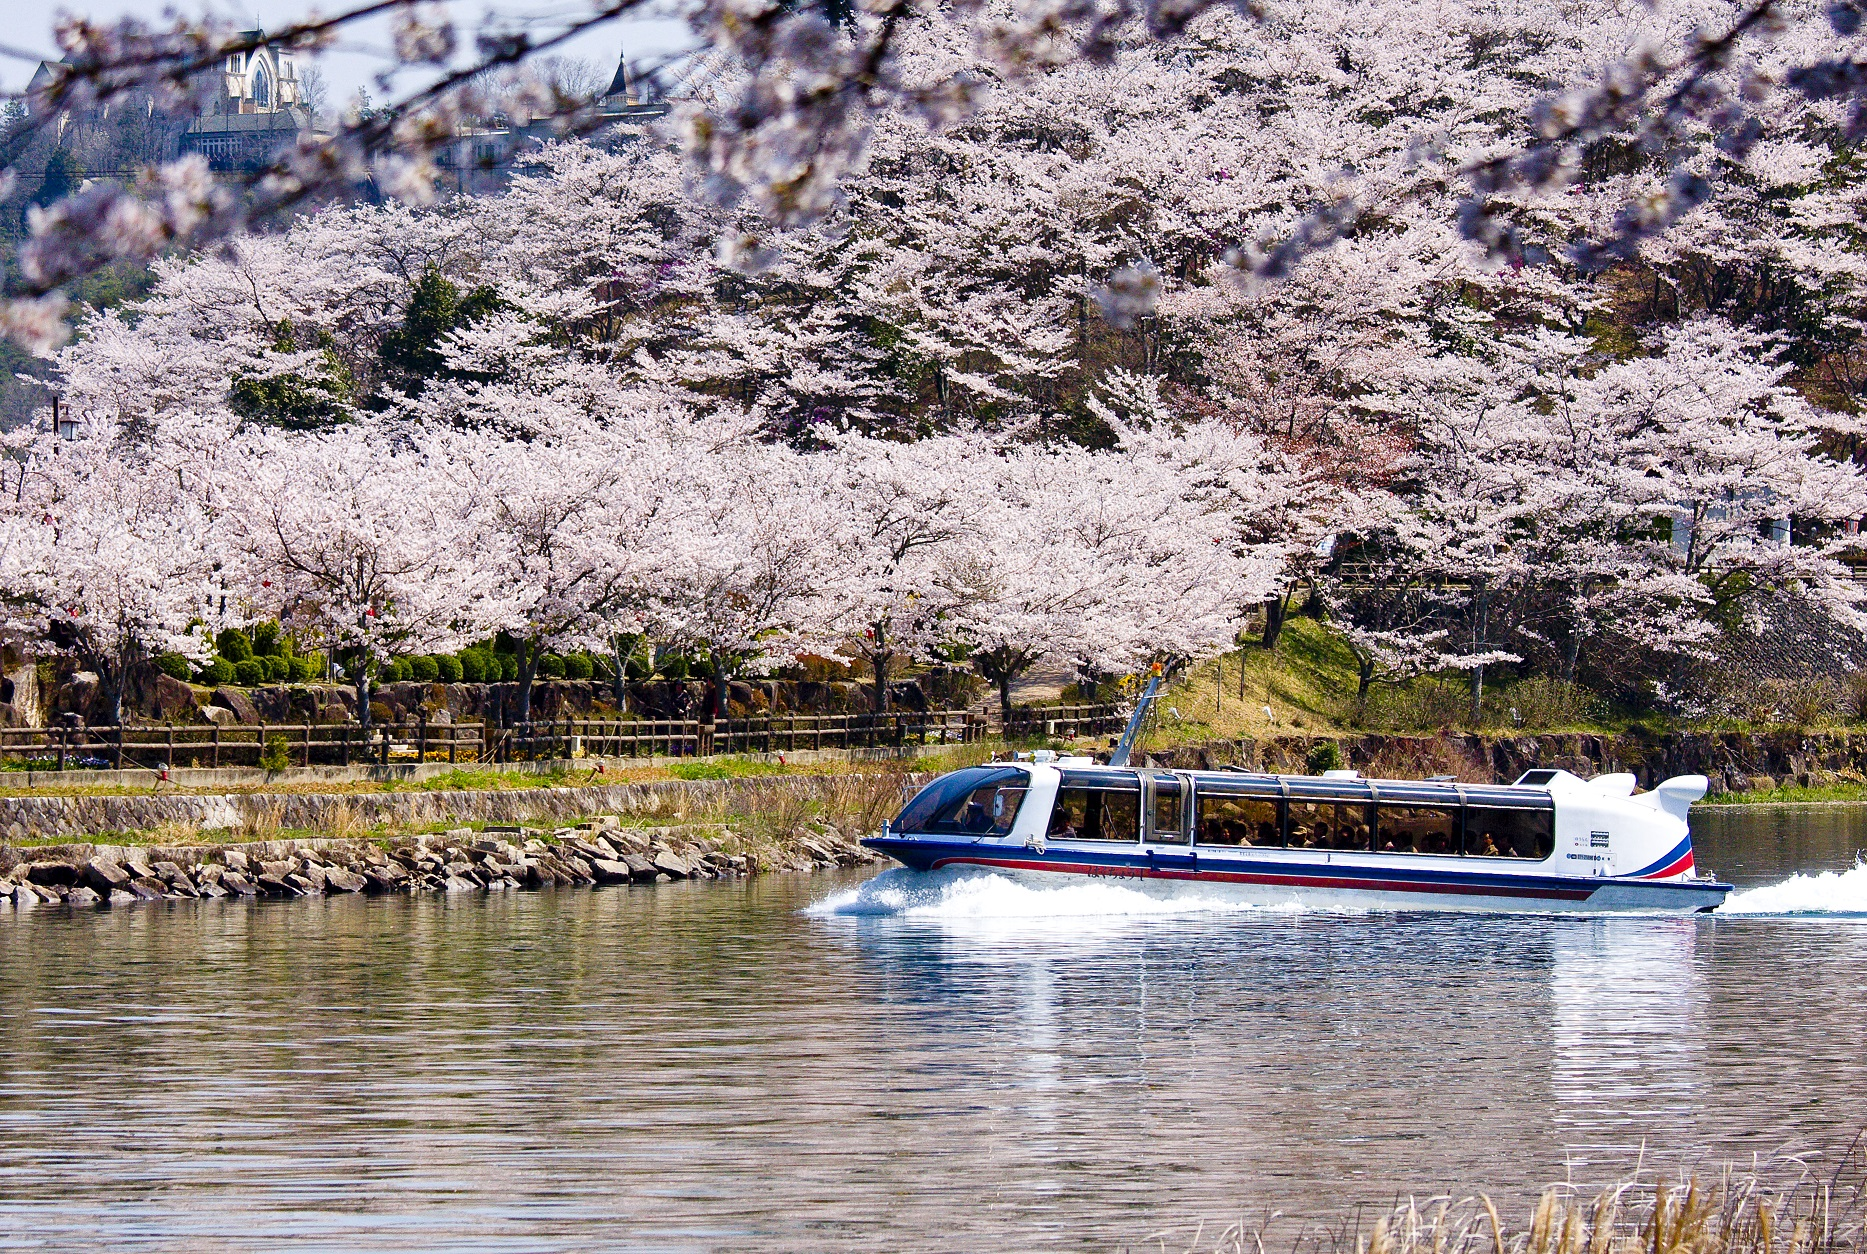 桜満開のさざなみ半島を背景に進む船